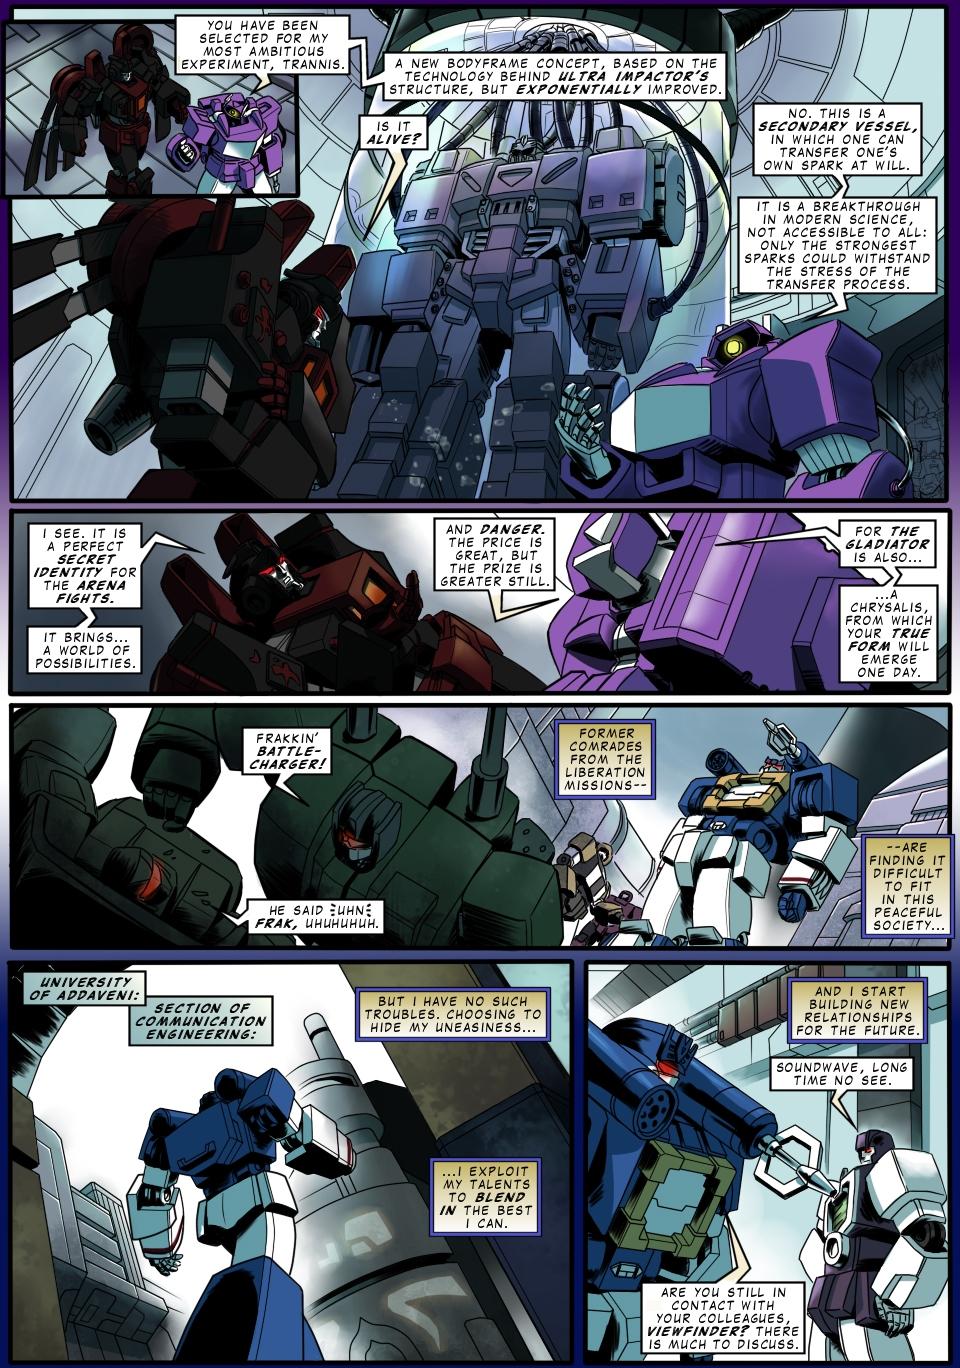 06 Shockwave Soundwave page 06